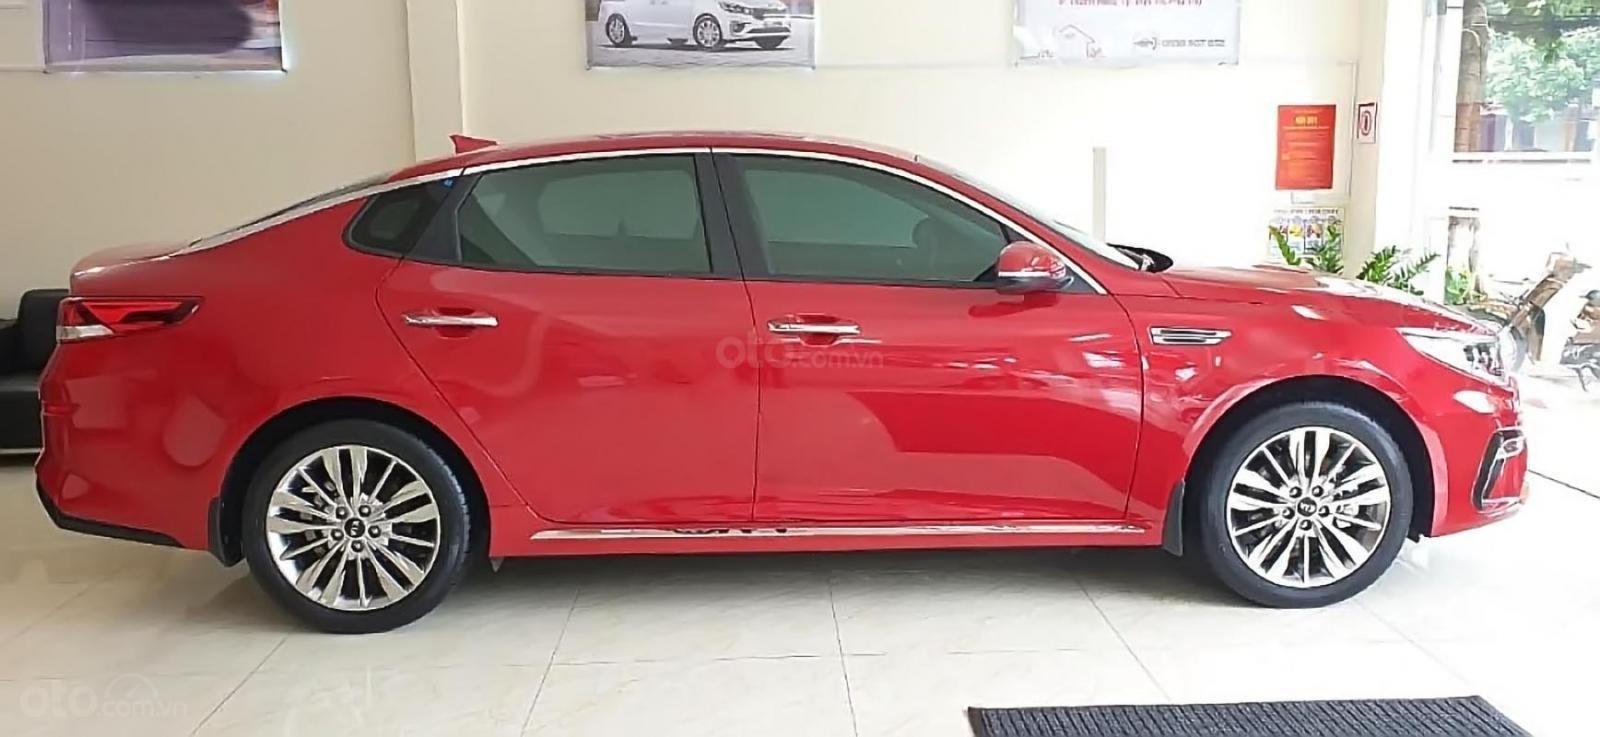 Cần bán Kia Optima 2.0 AT 2019, màu đỏ, giá 789tr (2)